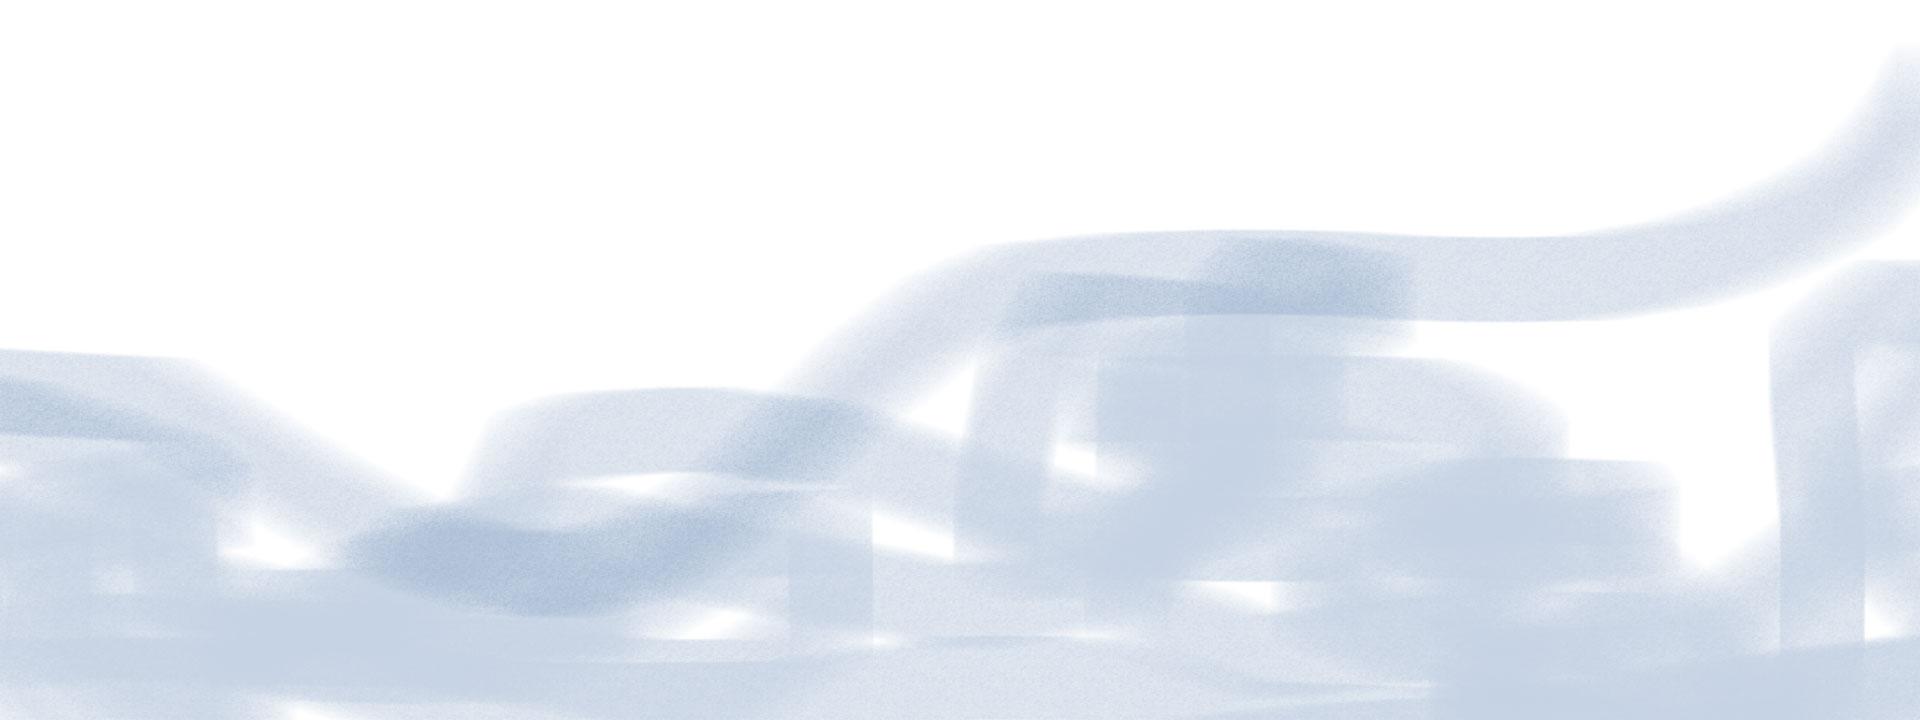 weiße Fläche mit blauen Pinselstrichen, zeigt Workflow der Softwarelösungen an